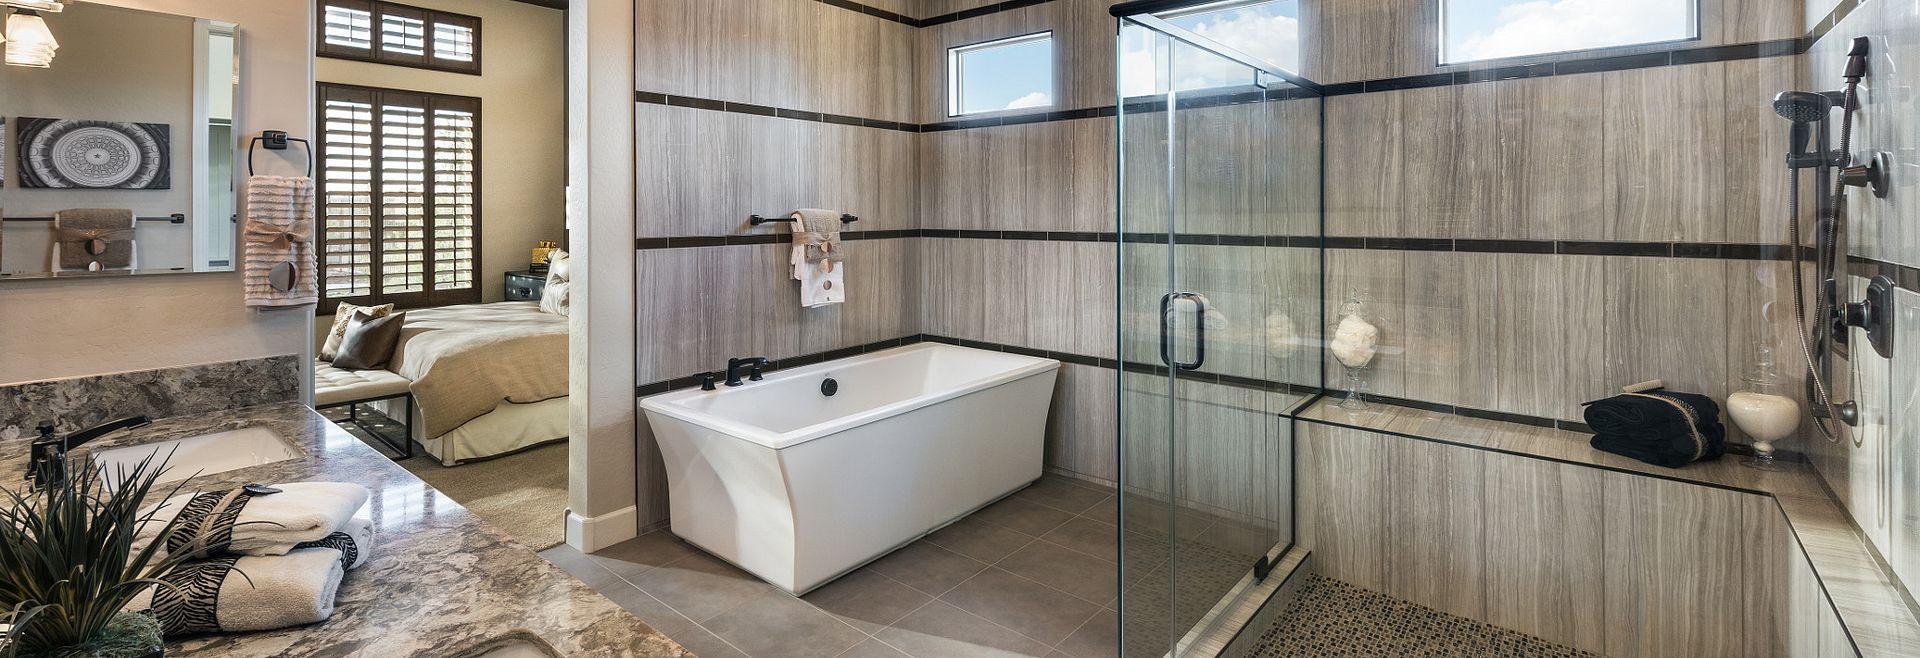 Rhythmic Model Master Bathroom